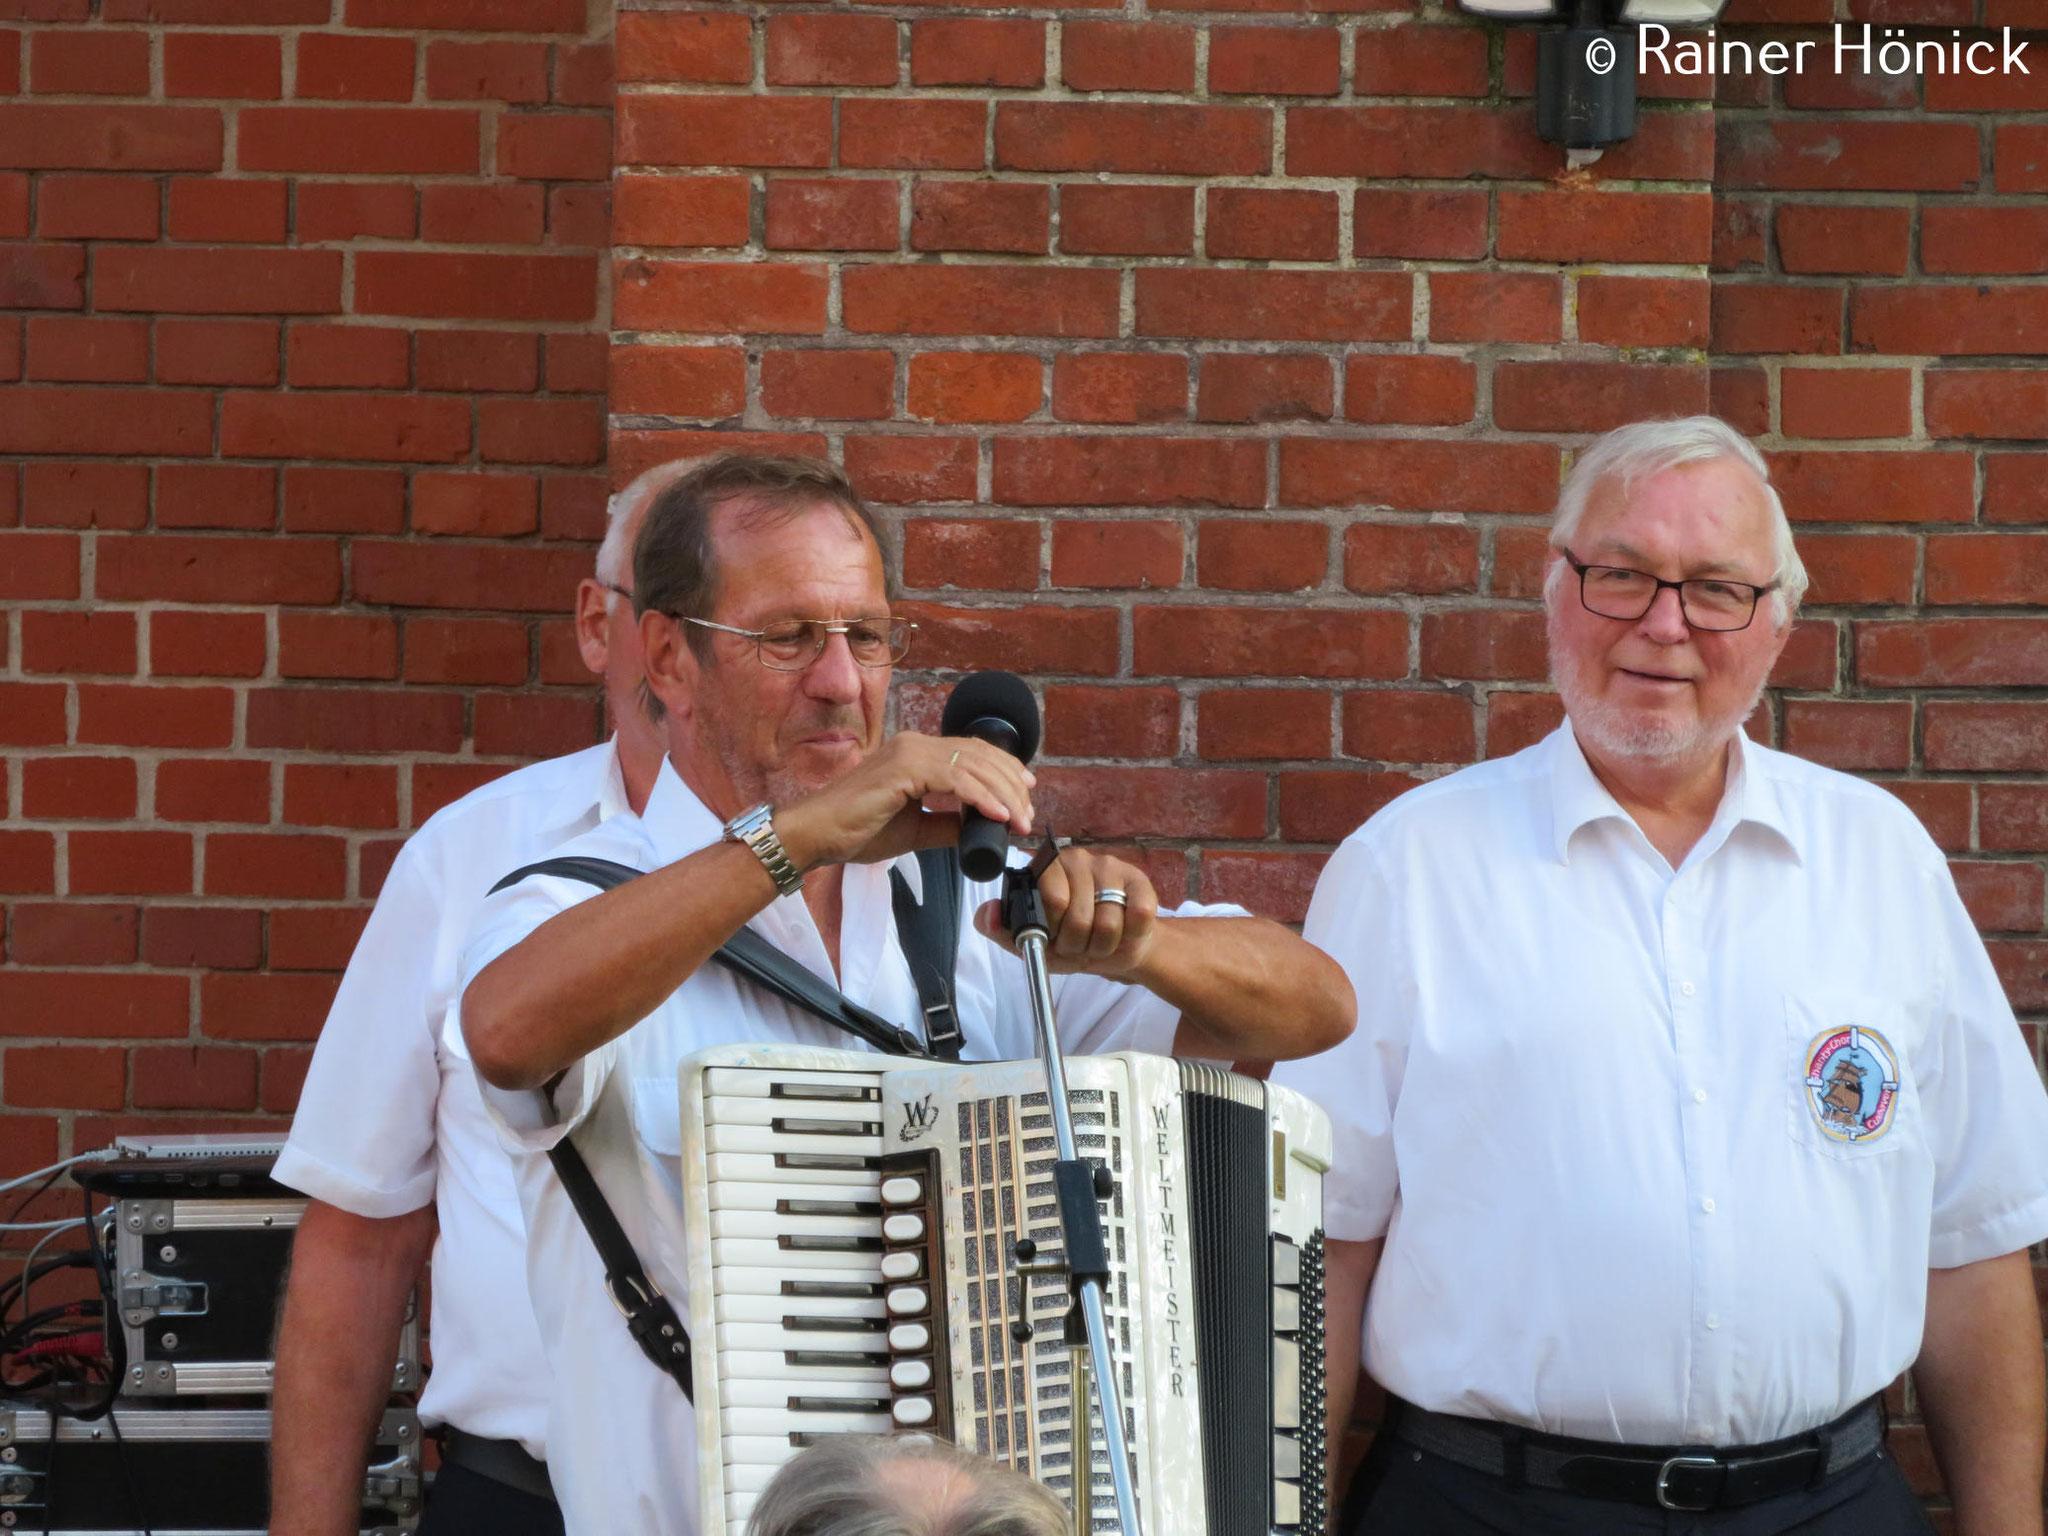 Leiter des Shanty-Chores Udo Brozio mit seinem Schifferklavier